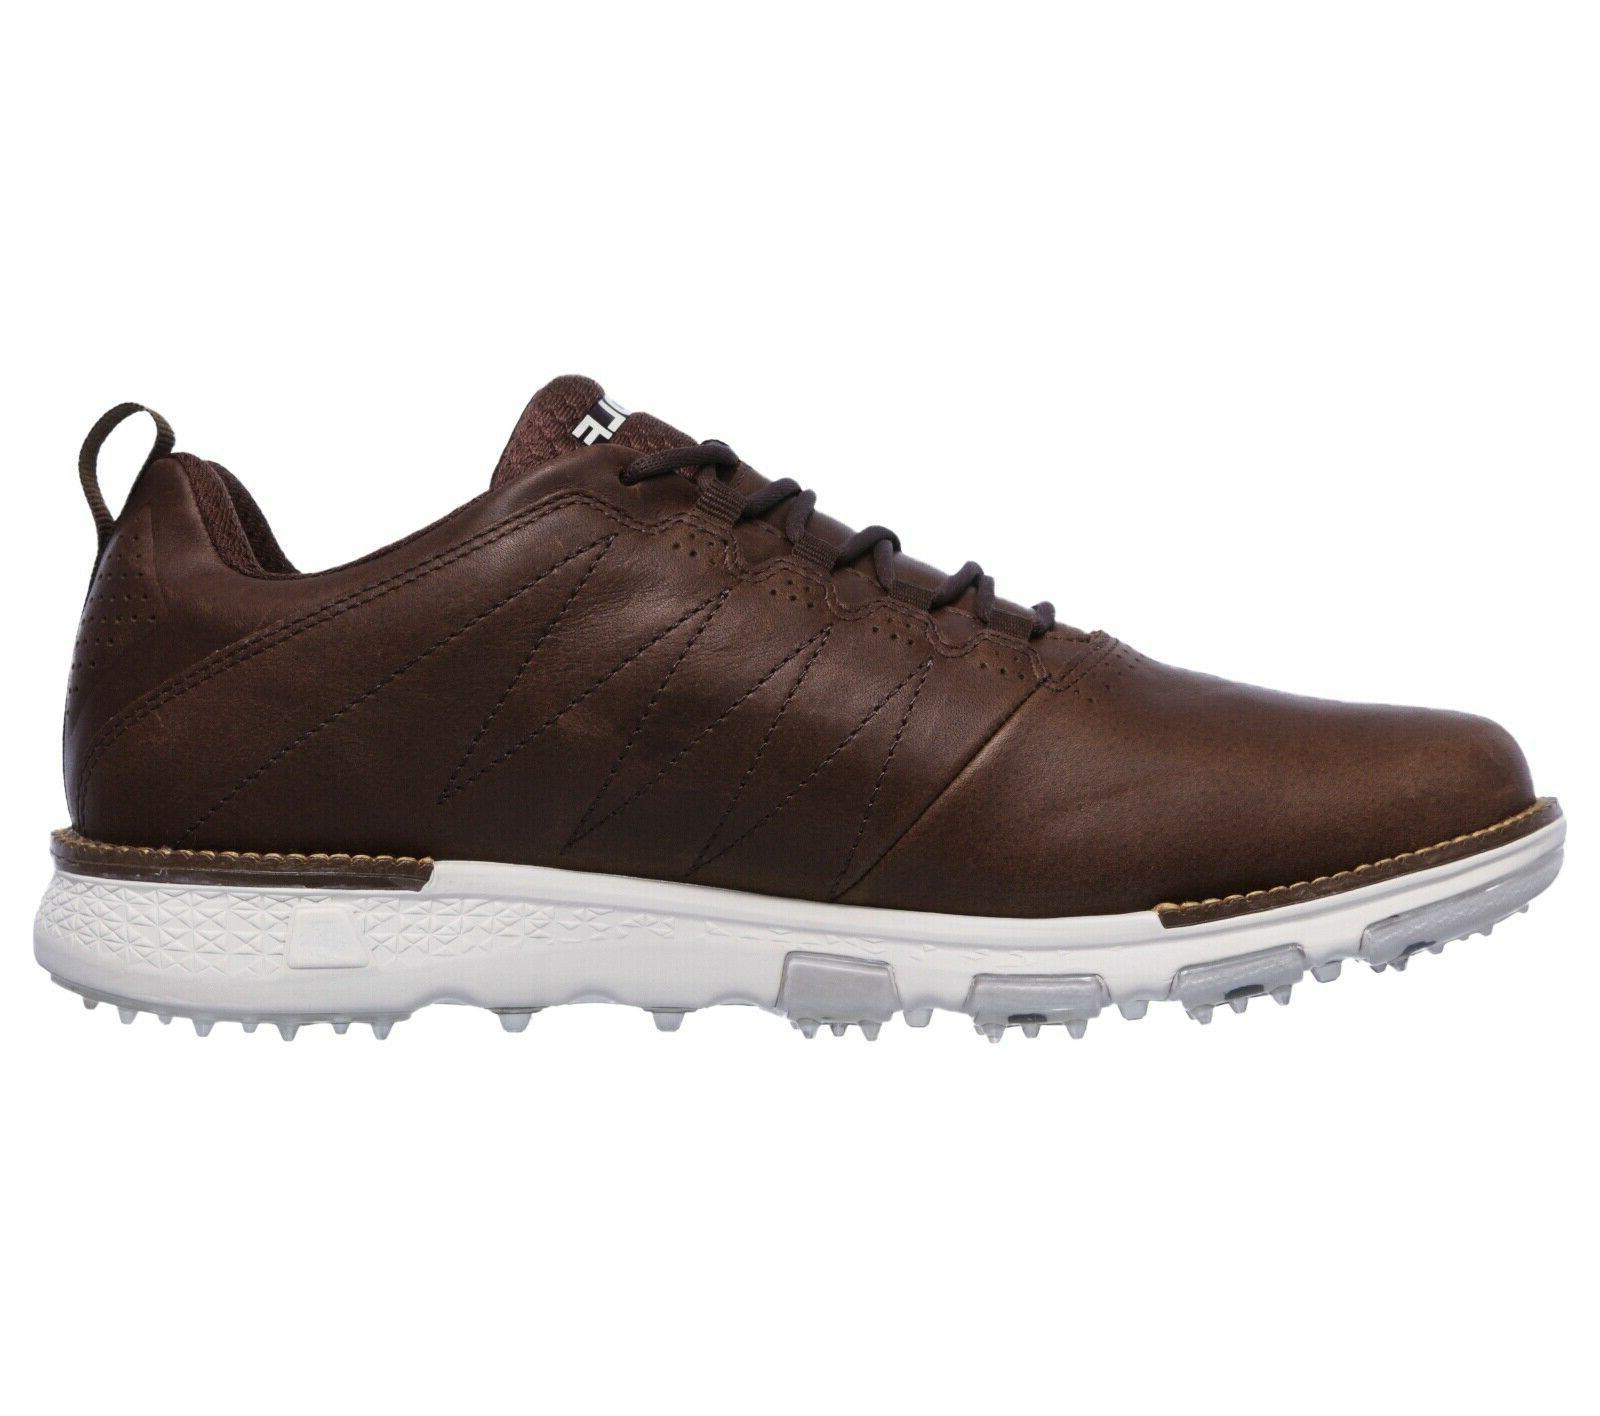 V.3 CHOC Shoes-Style